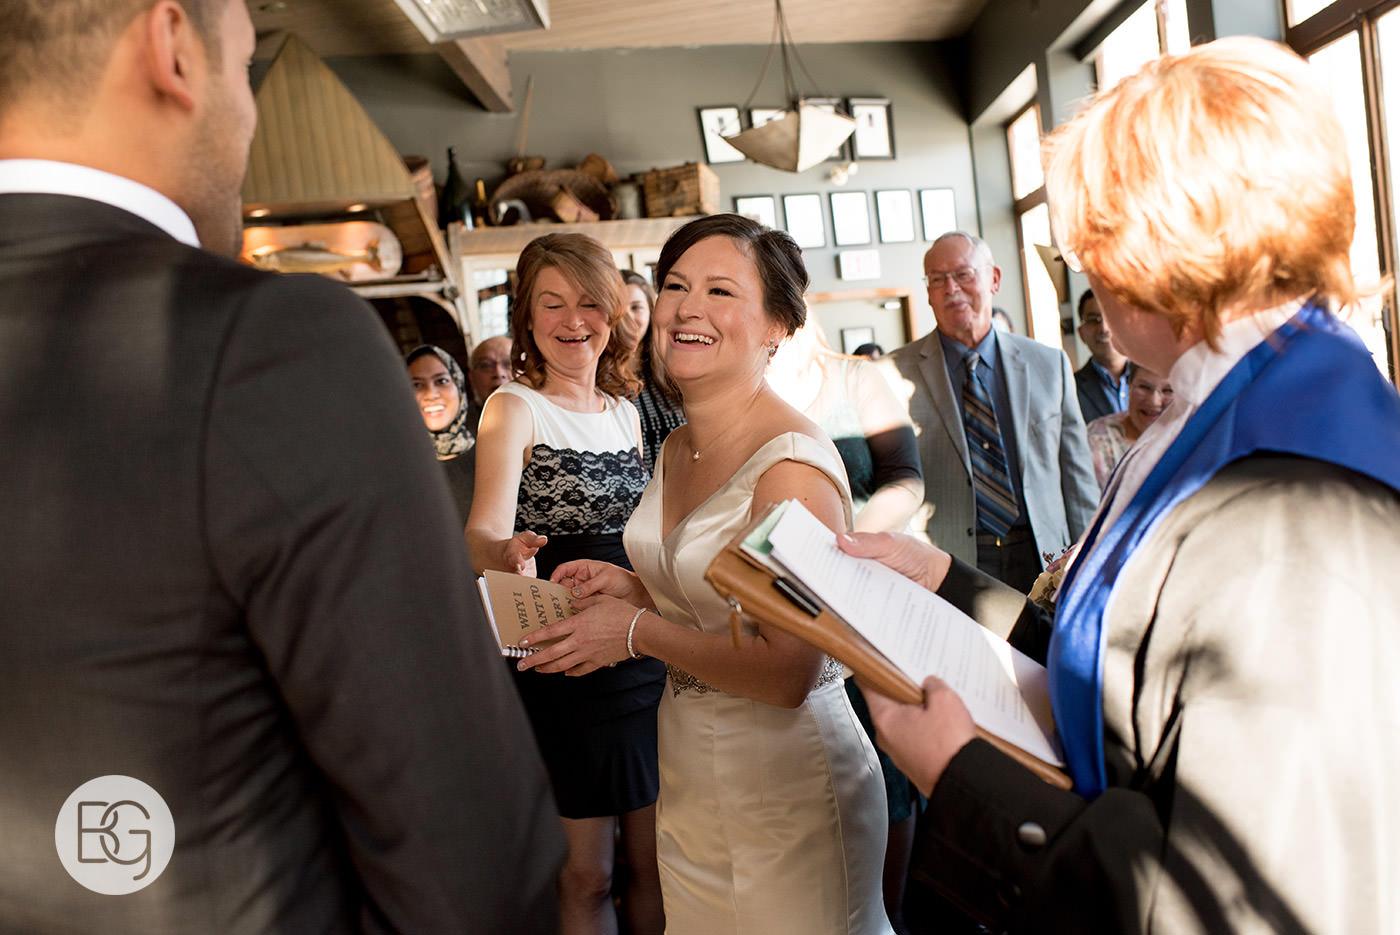 Calgary_brunch_wedding_edmonton_wedding_photographer_danielle_farhan_19.jpg